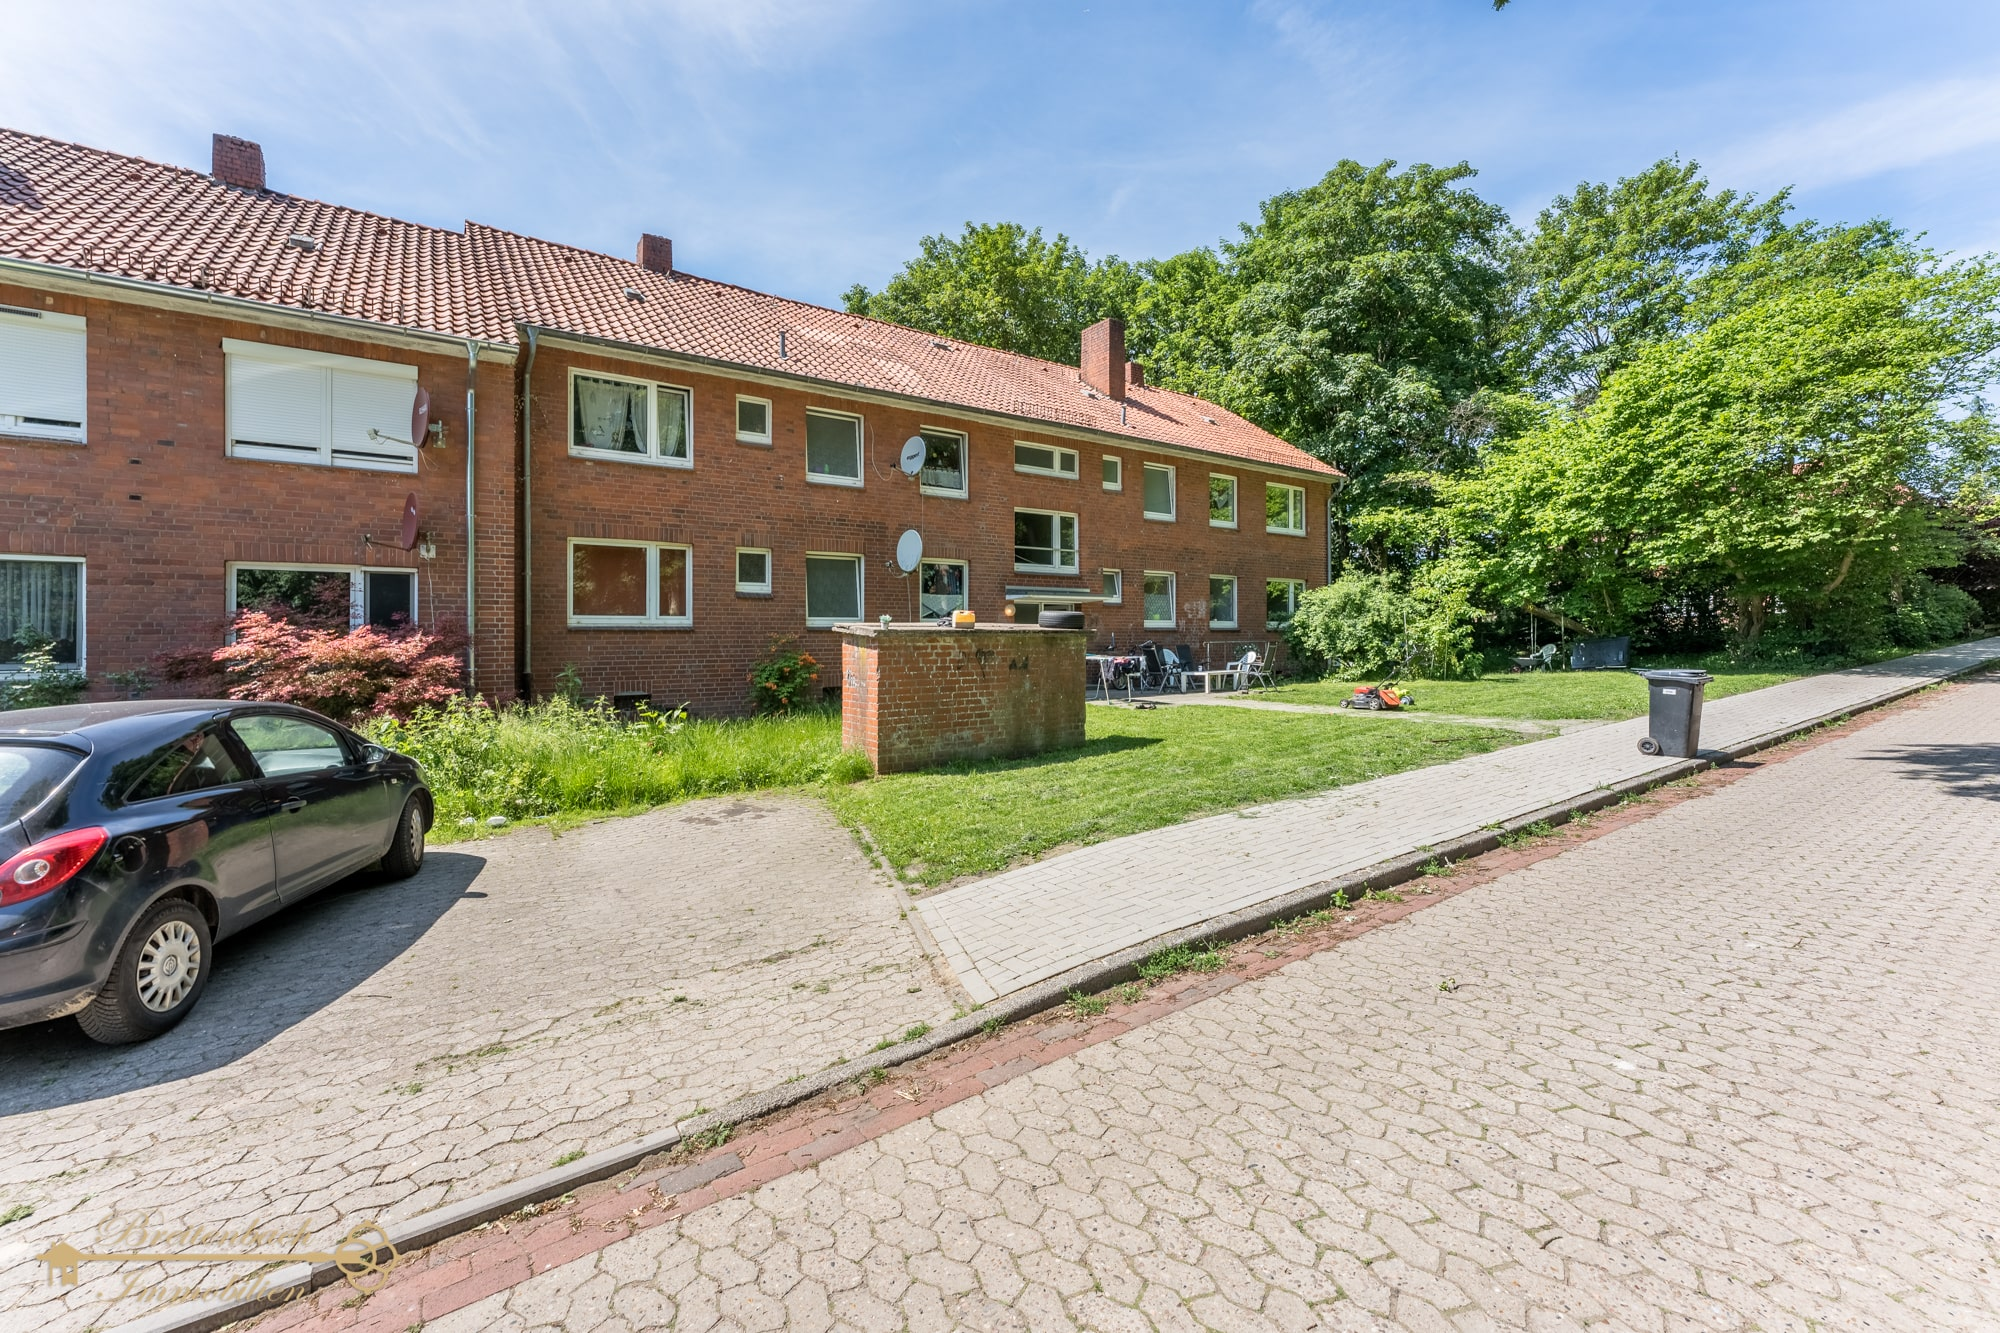 2021-06-10-Breitenbach-Immobilien-Makler-Bremen-11-min